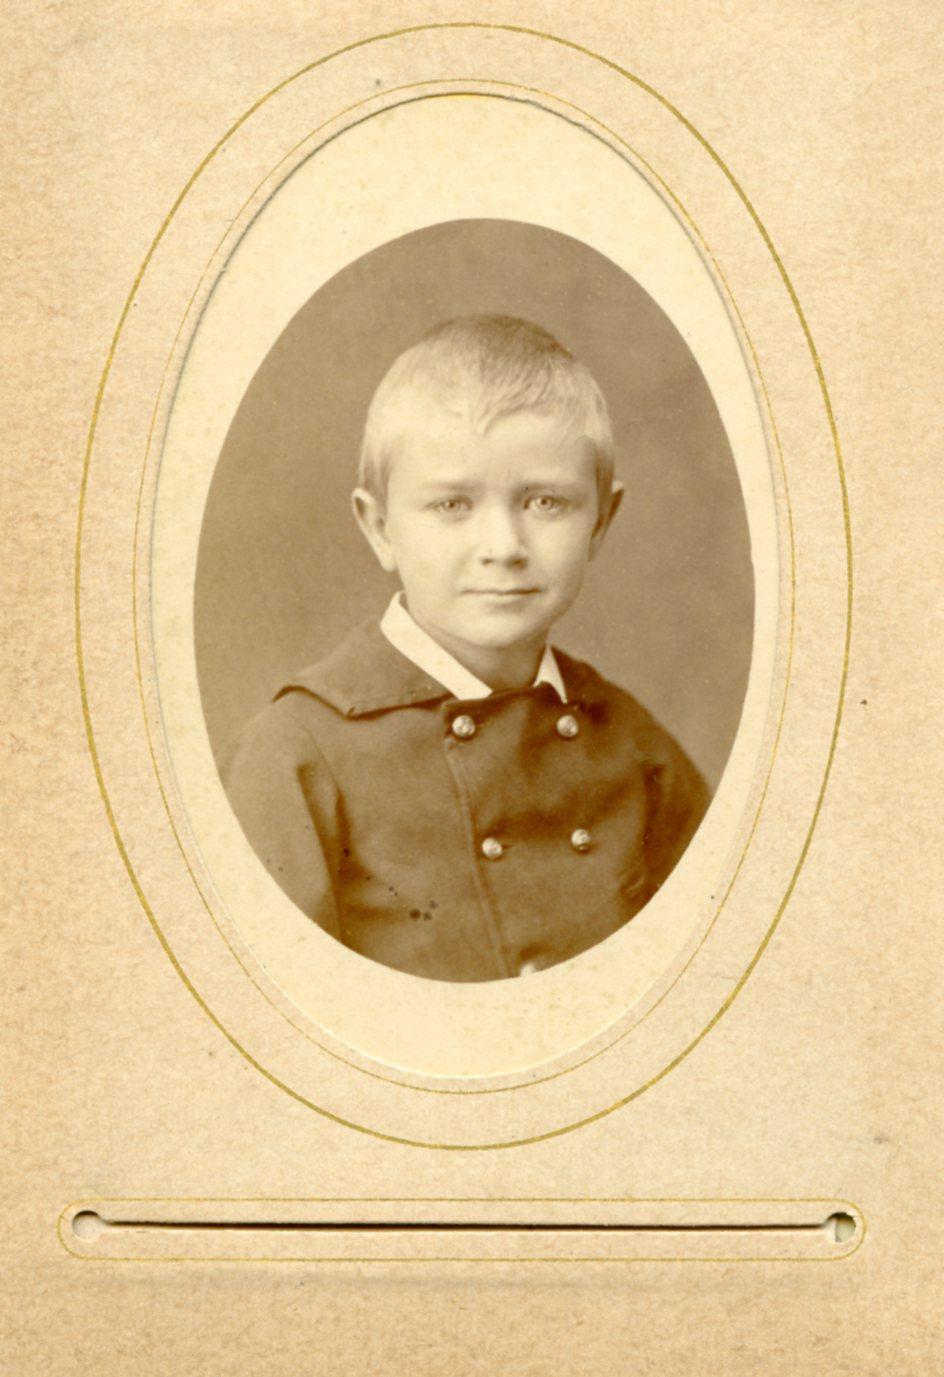 Johanne Hedemanns Album billede nr. 84